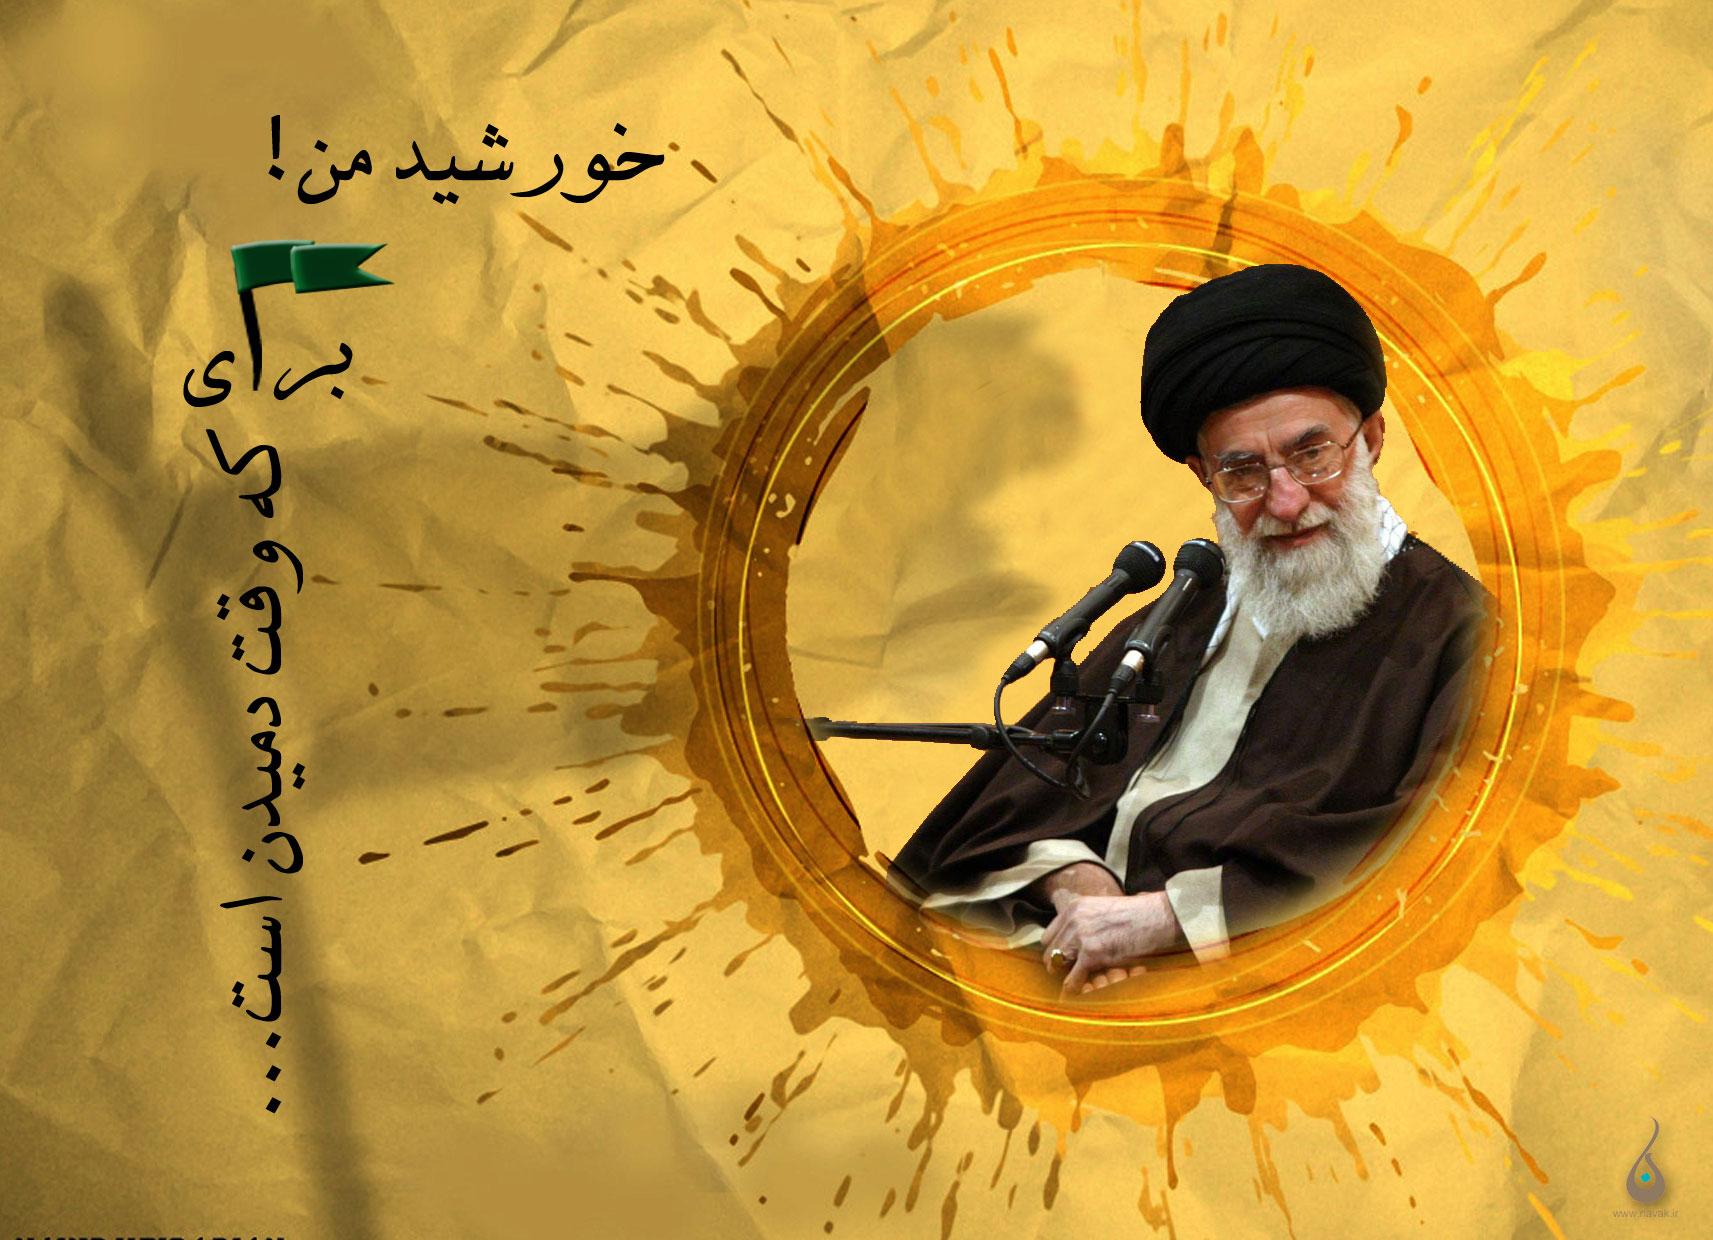 http://aftabemehrabani.persiangig.com/image/olguyuk.jpg